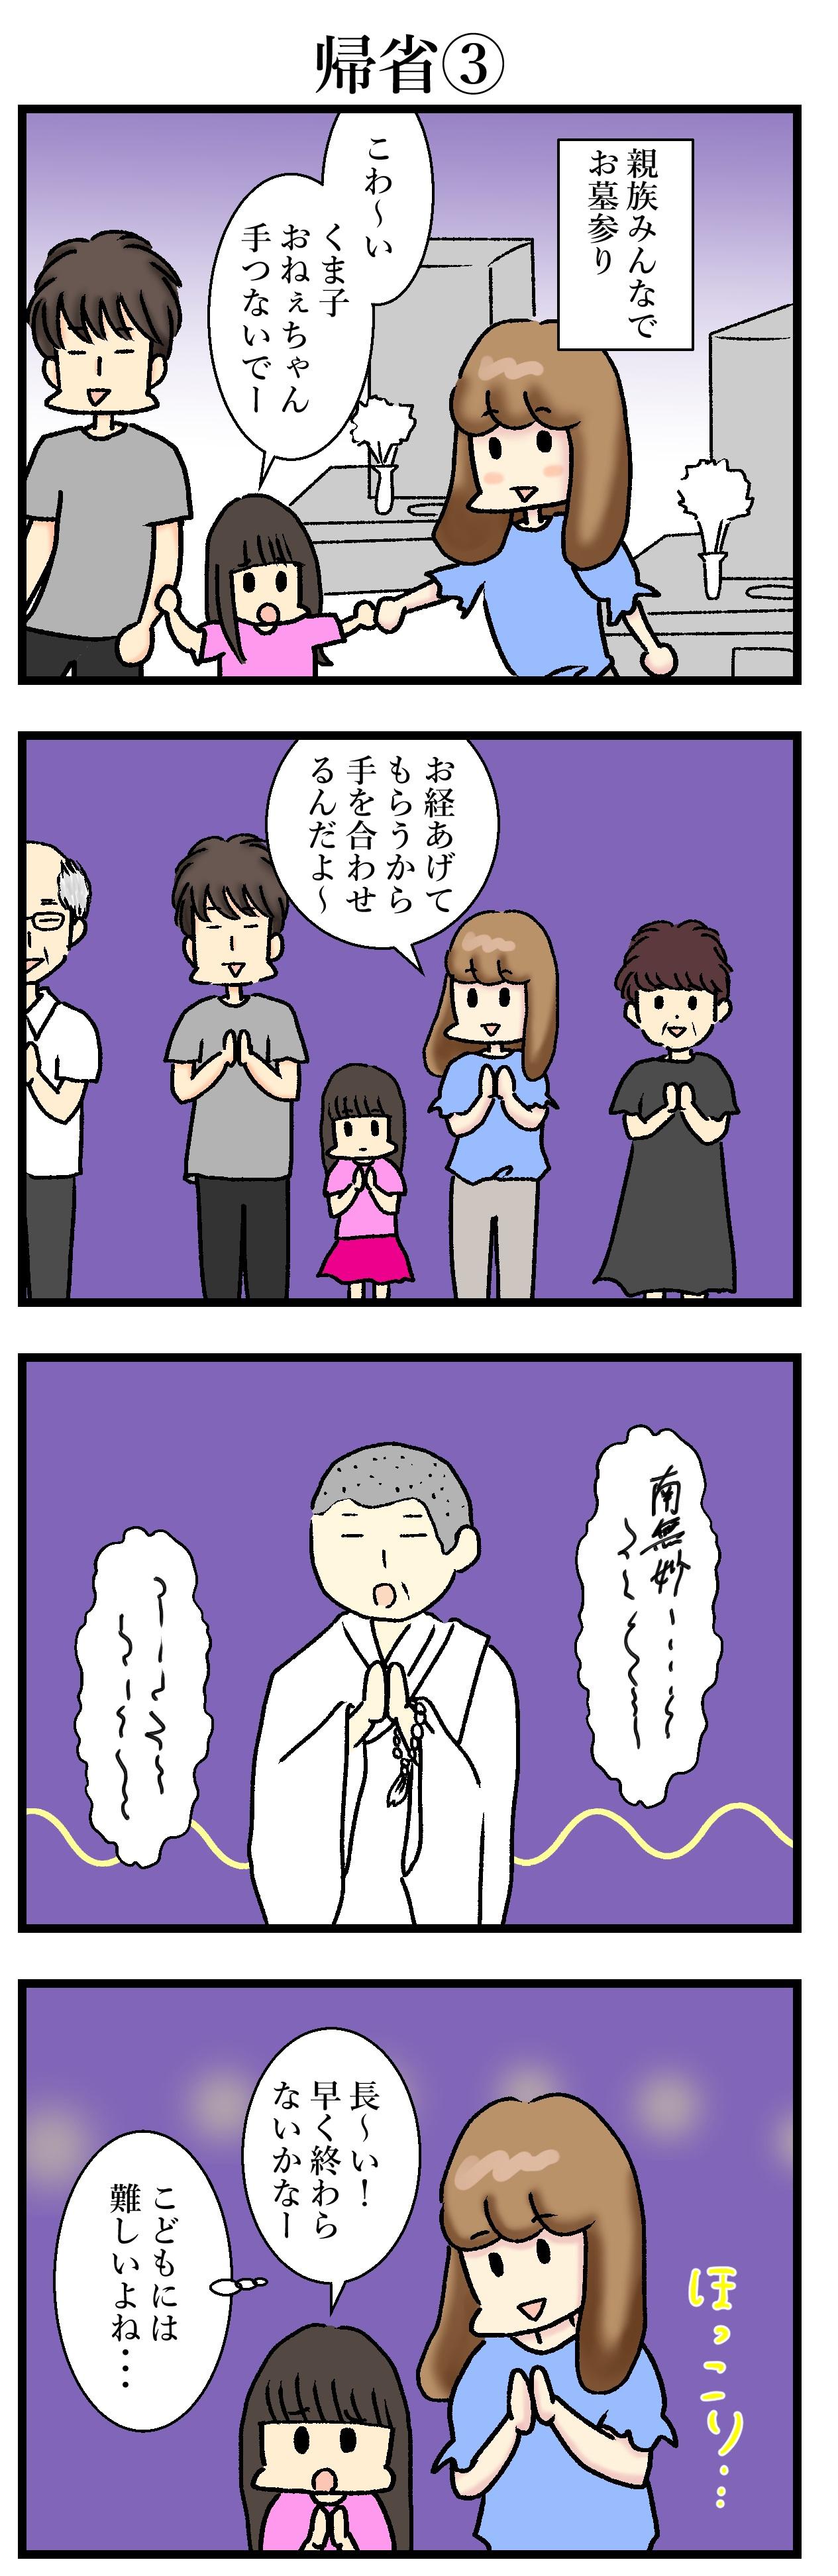 【エッセイ漫画】アラサー主婦くま子のふがいない日常(46)